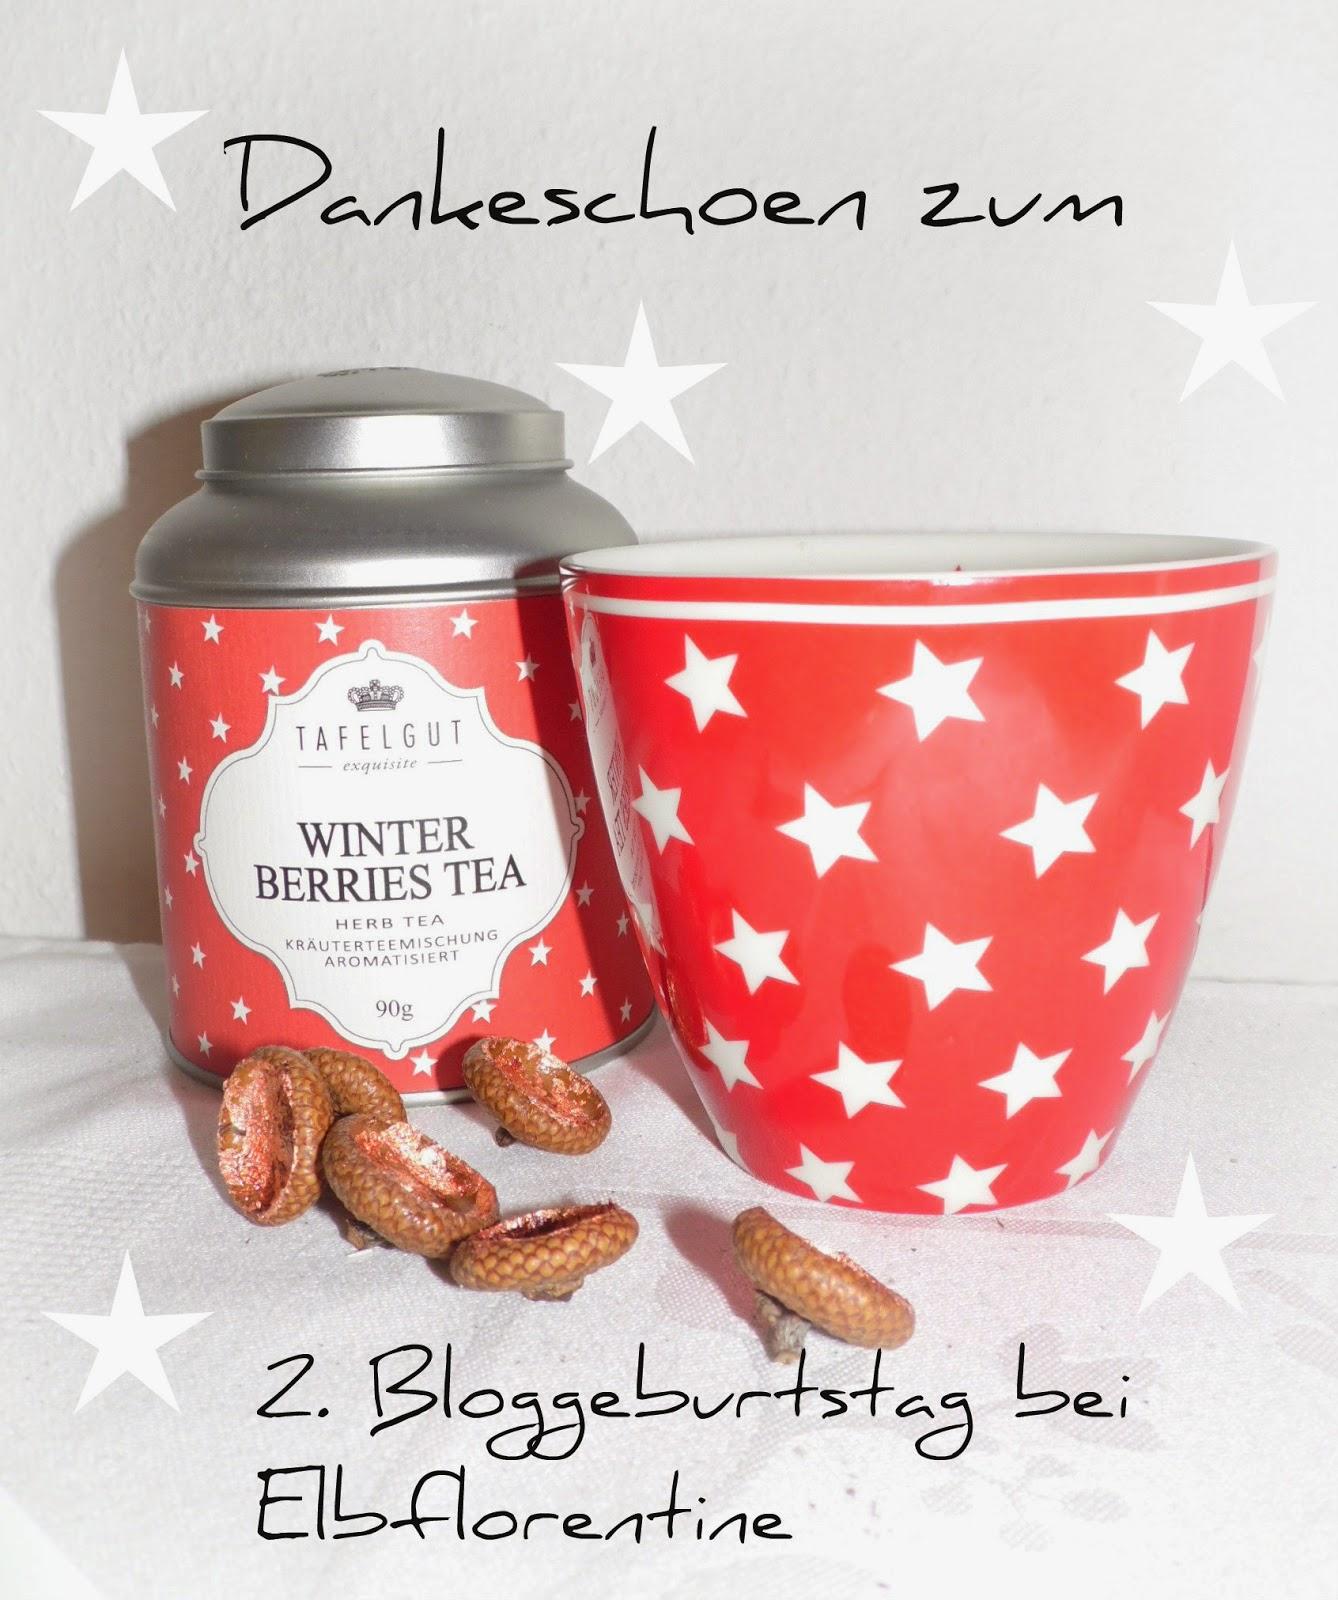 Wunderschönes give away von Daniela